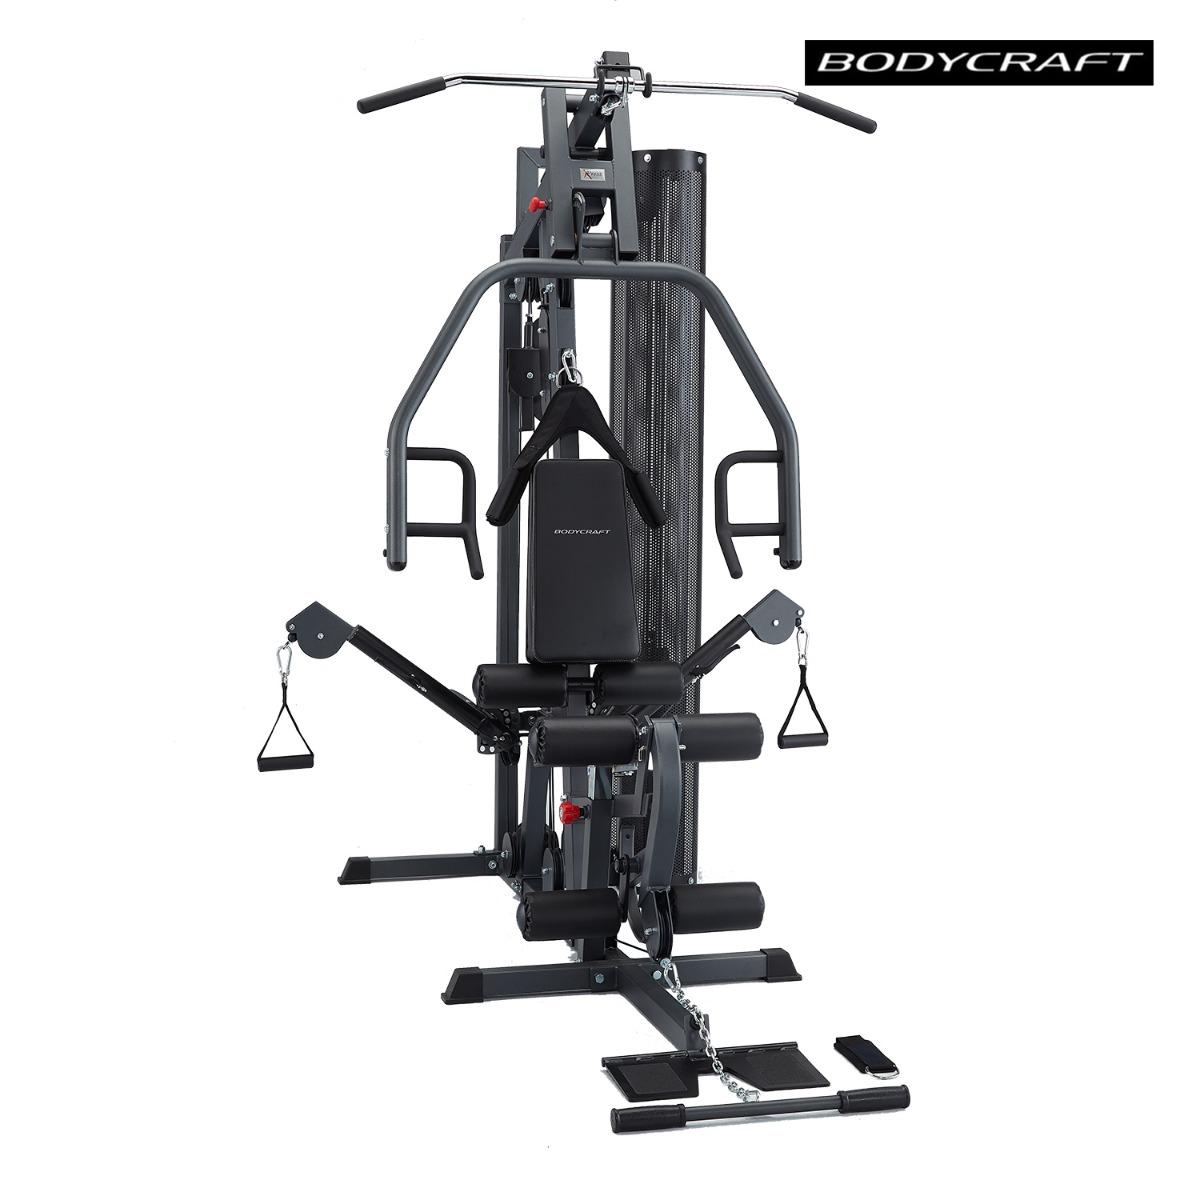 Силовой комплекс Body Craft X Press Pro 78600 Силовые тренажеры Body Craft